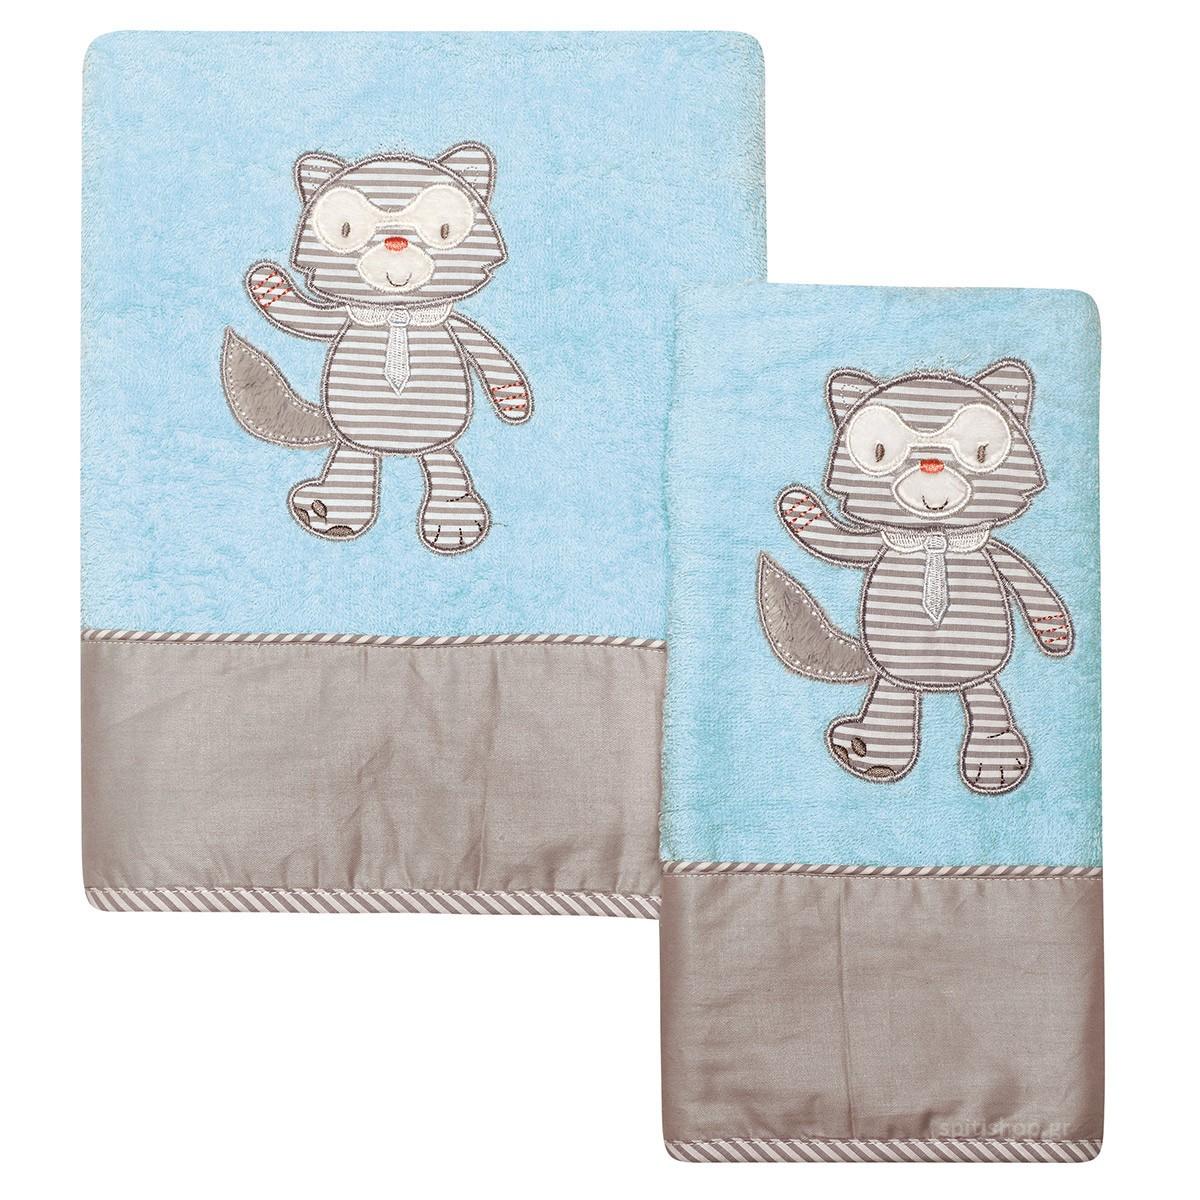 Βρεφικές Πετσέτες (Σετ 2τμχ) Das Home Dream Embroidery 6462 89915